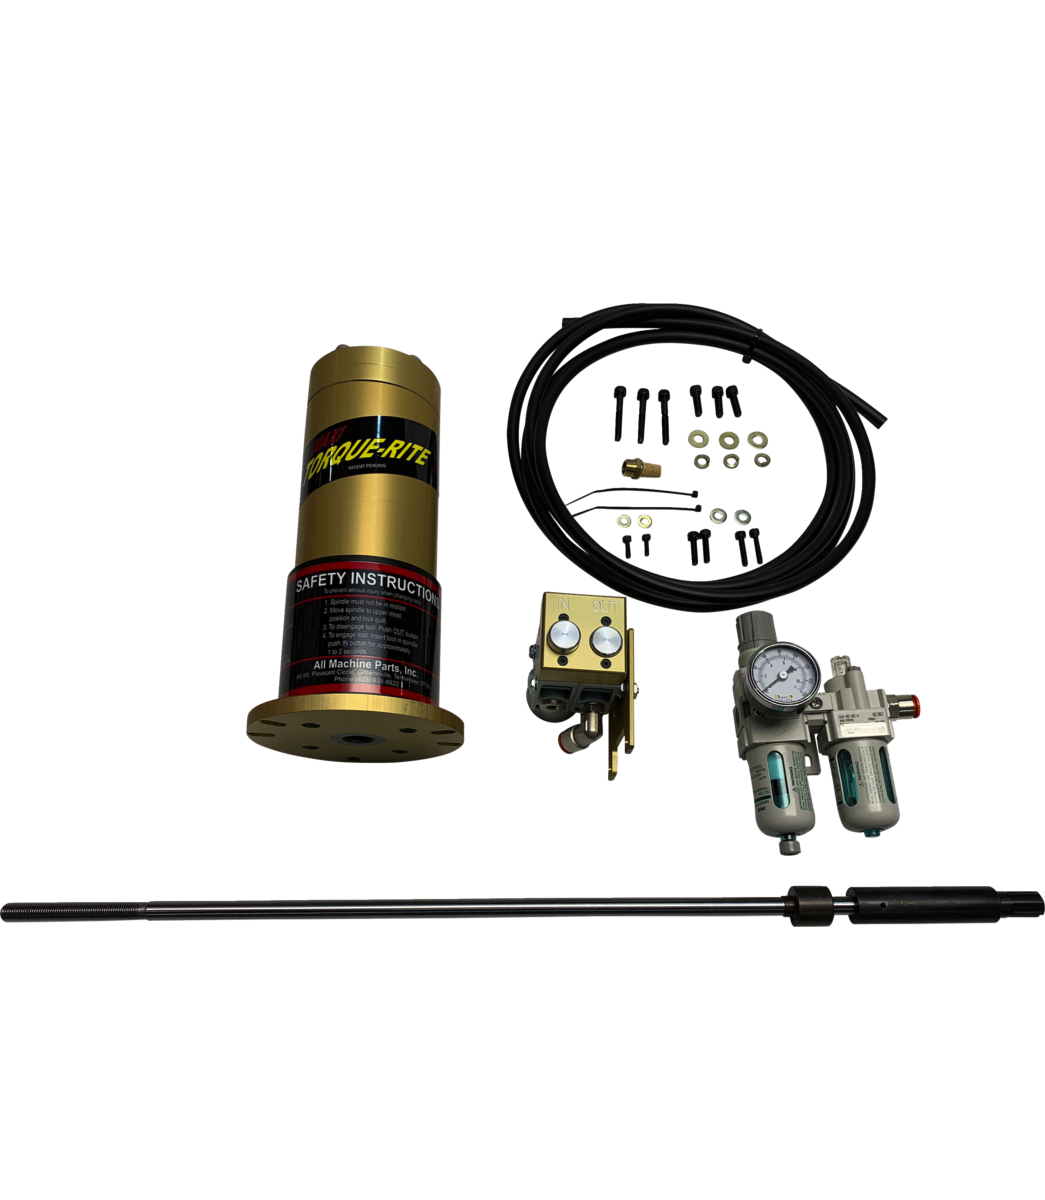 Air Power Drawbar Kit for JTM1050 and JTM1254RVS